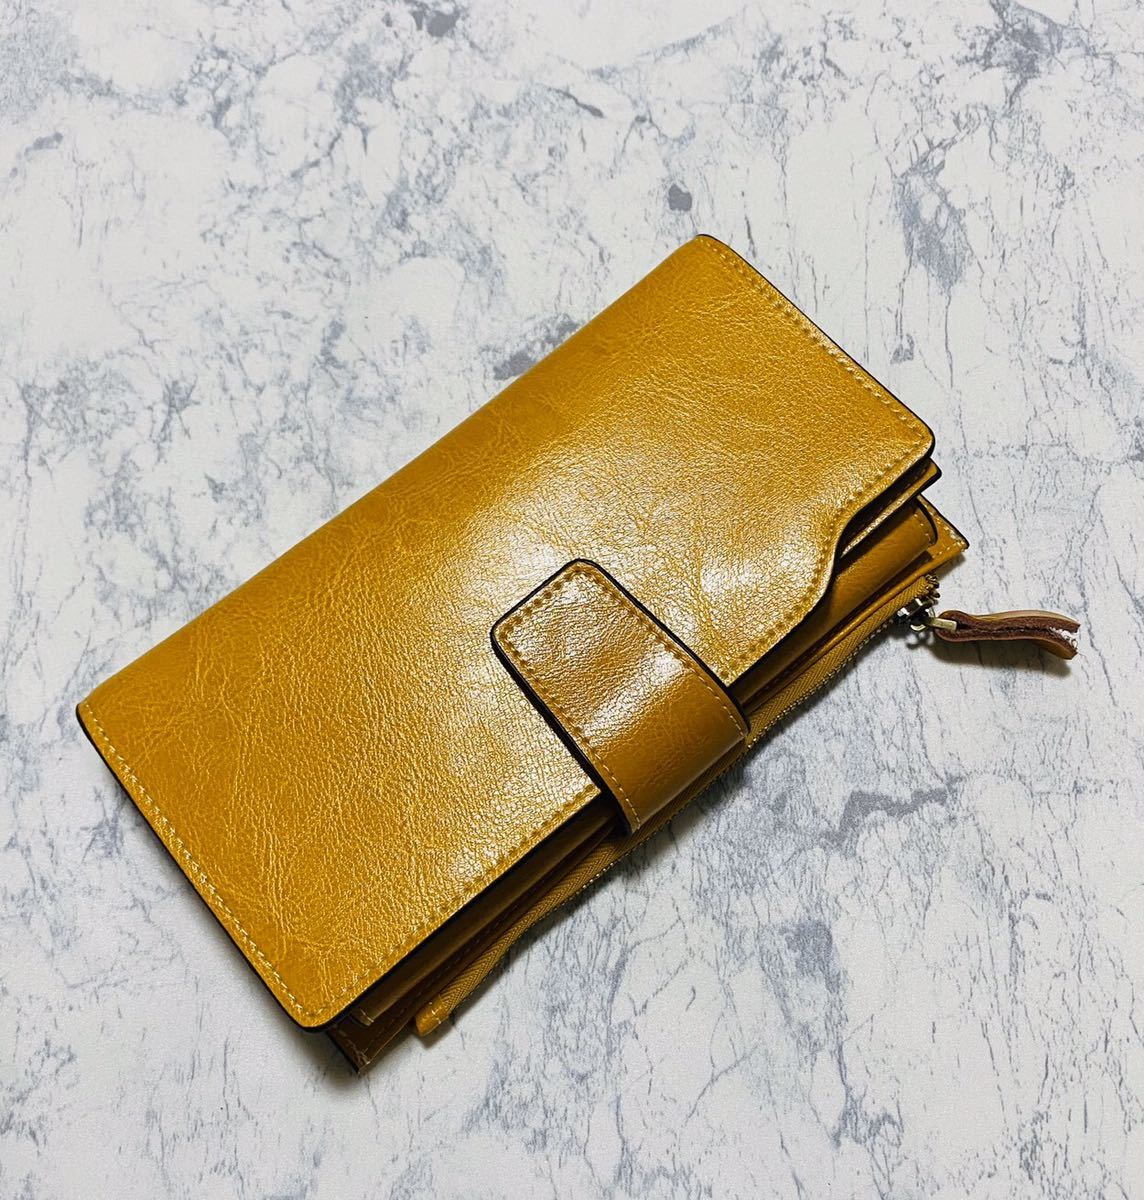 大容量 牛革 財布 カード21枚収納 二つ折り 折財布 スマホ収納可能 本革 メンズ レディス イエロー_画像2